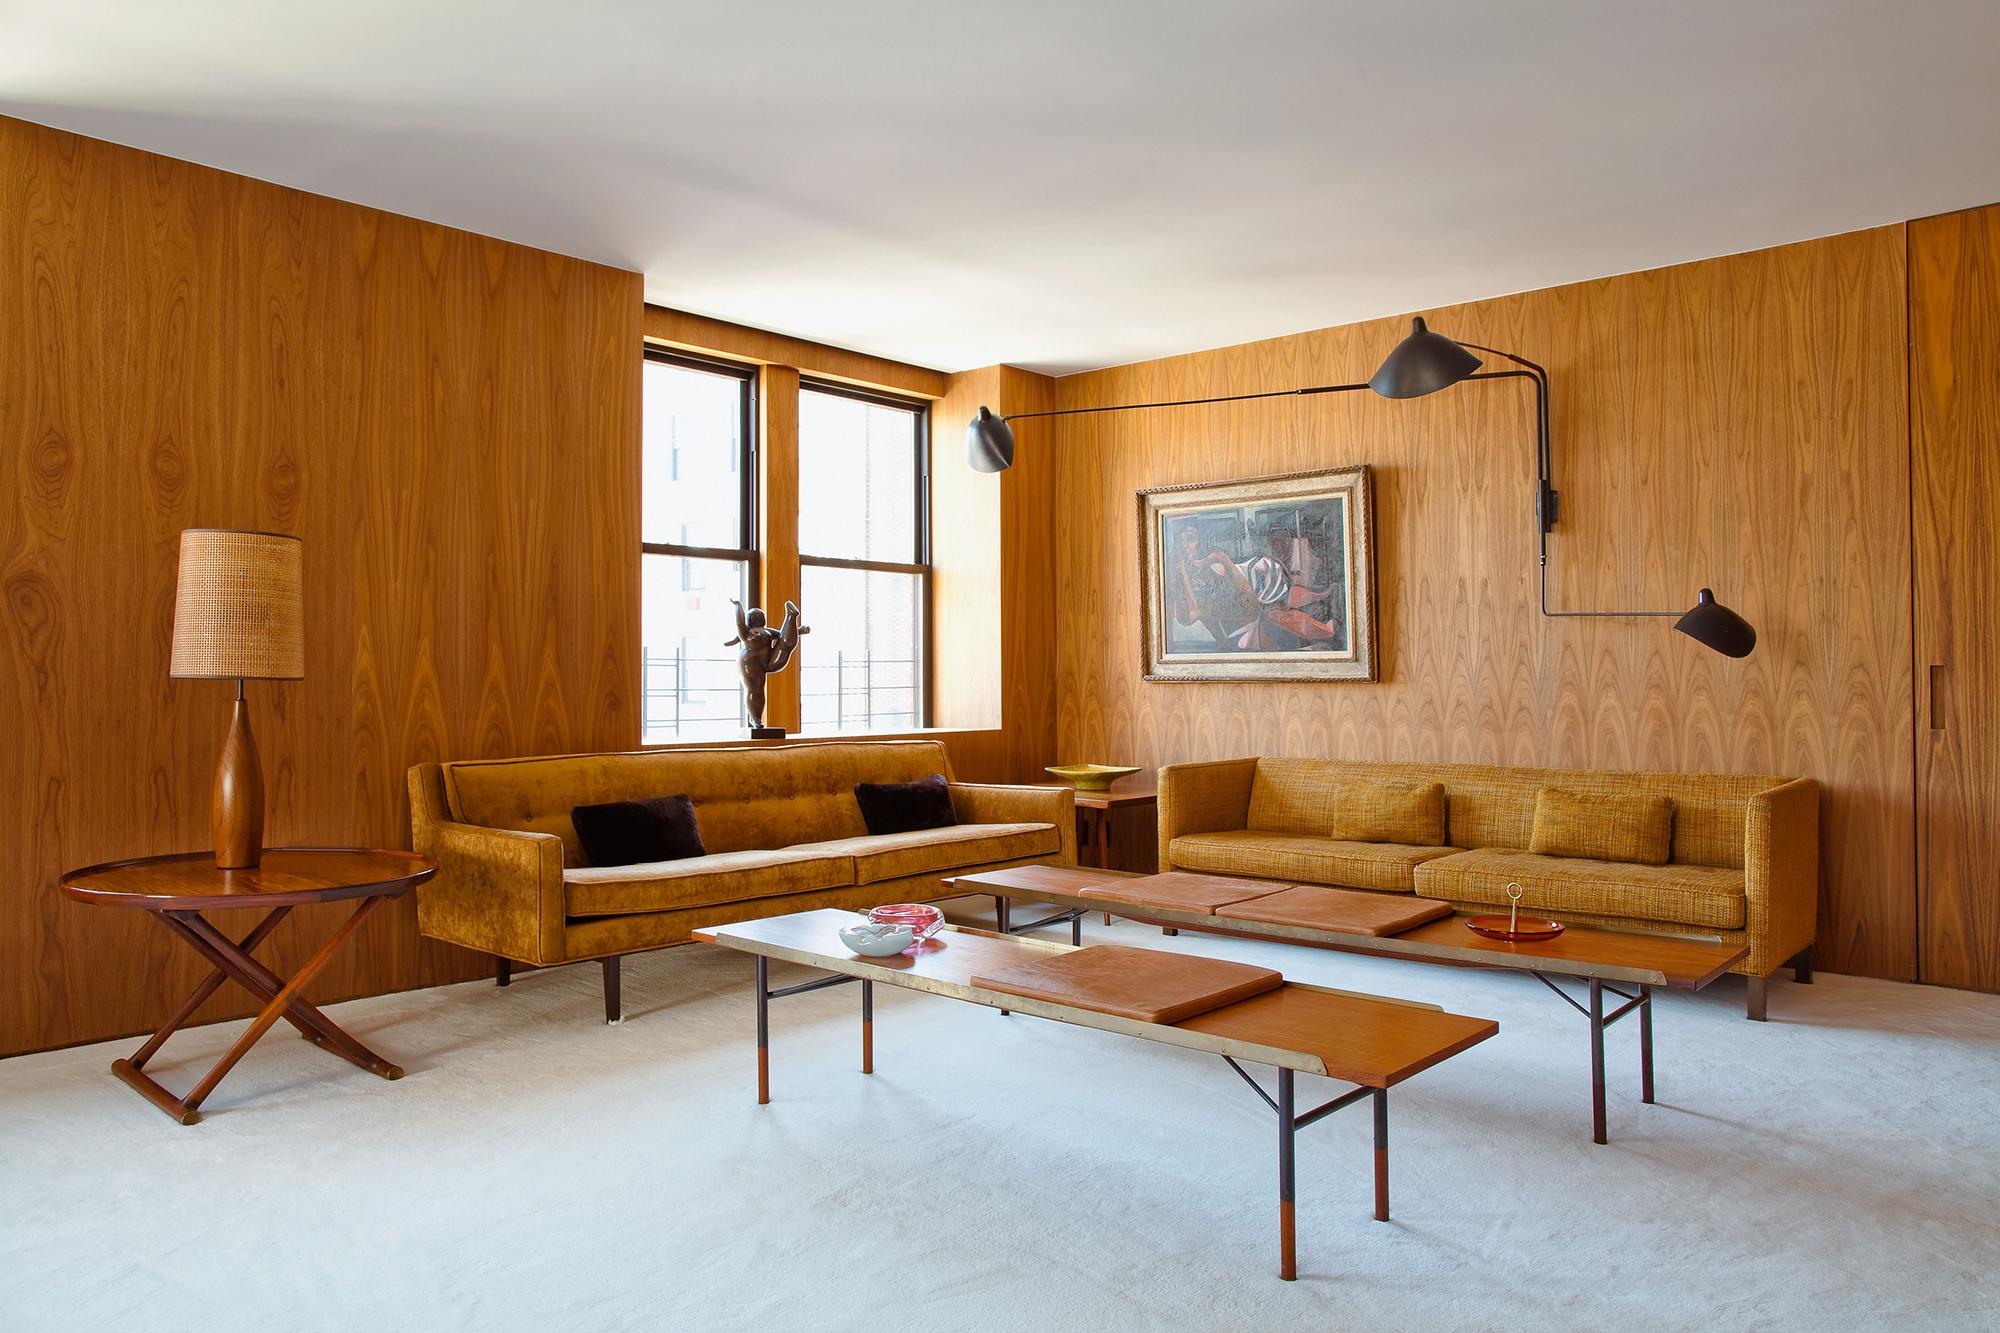 Минималистичный дизайн комнаты с деревянным декором